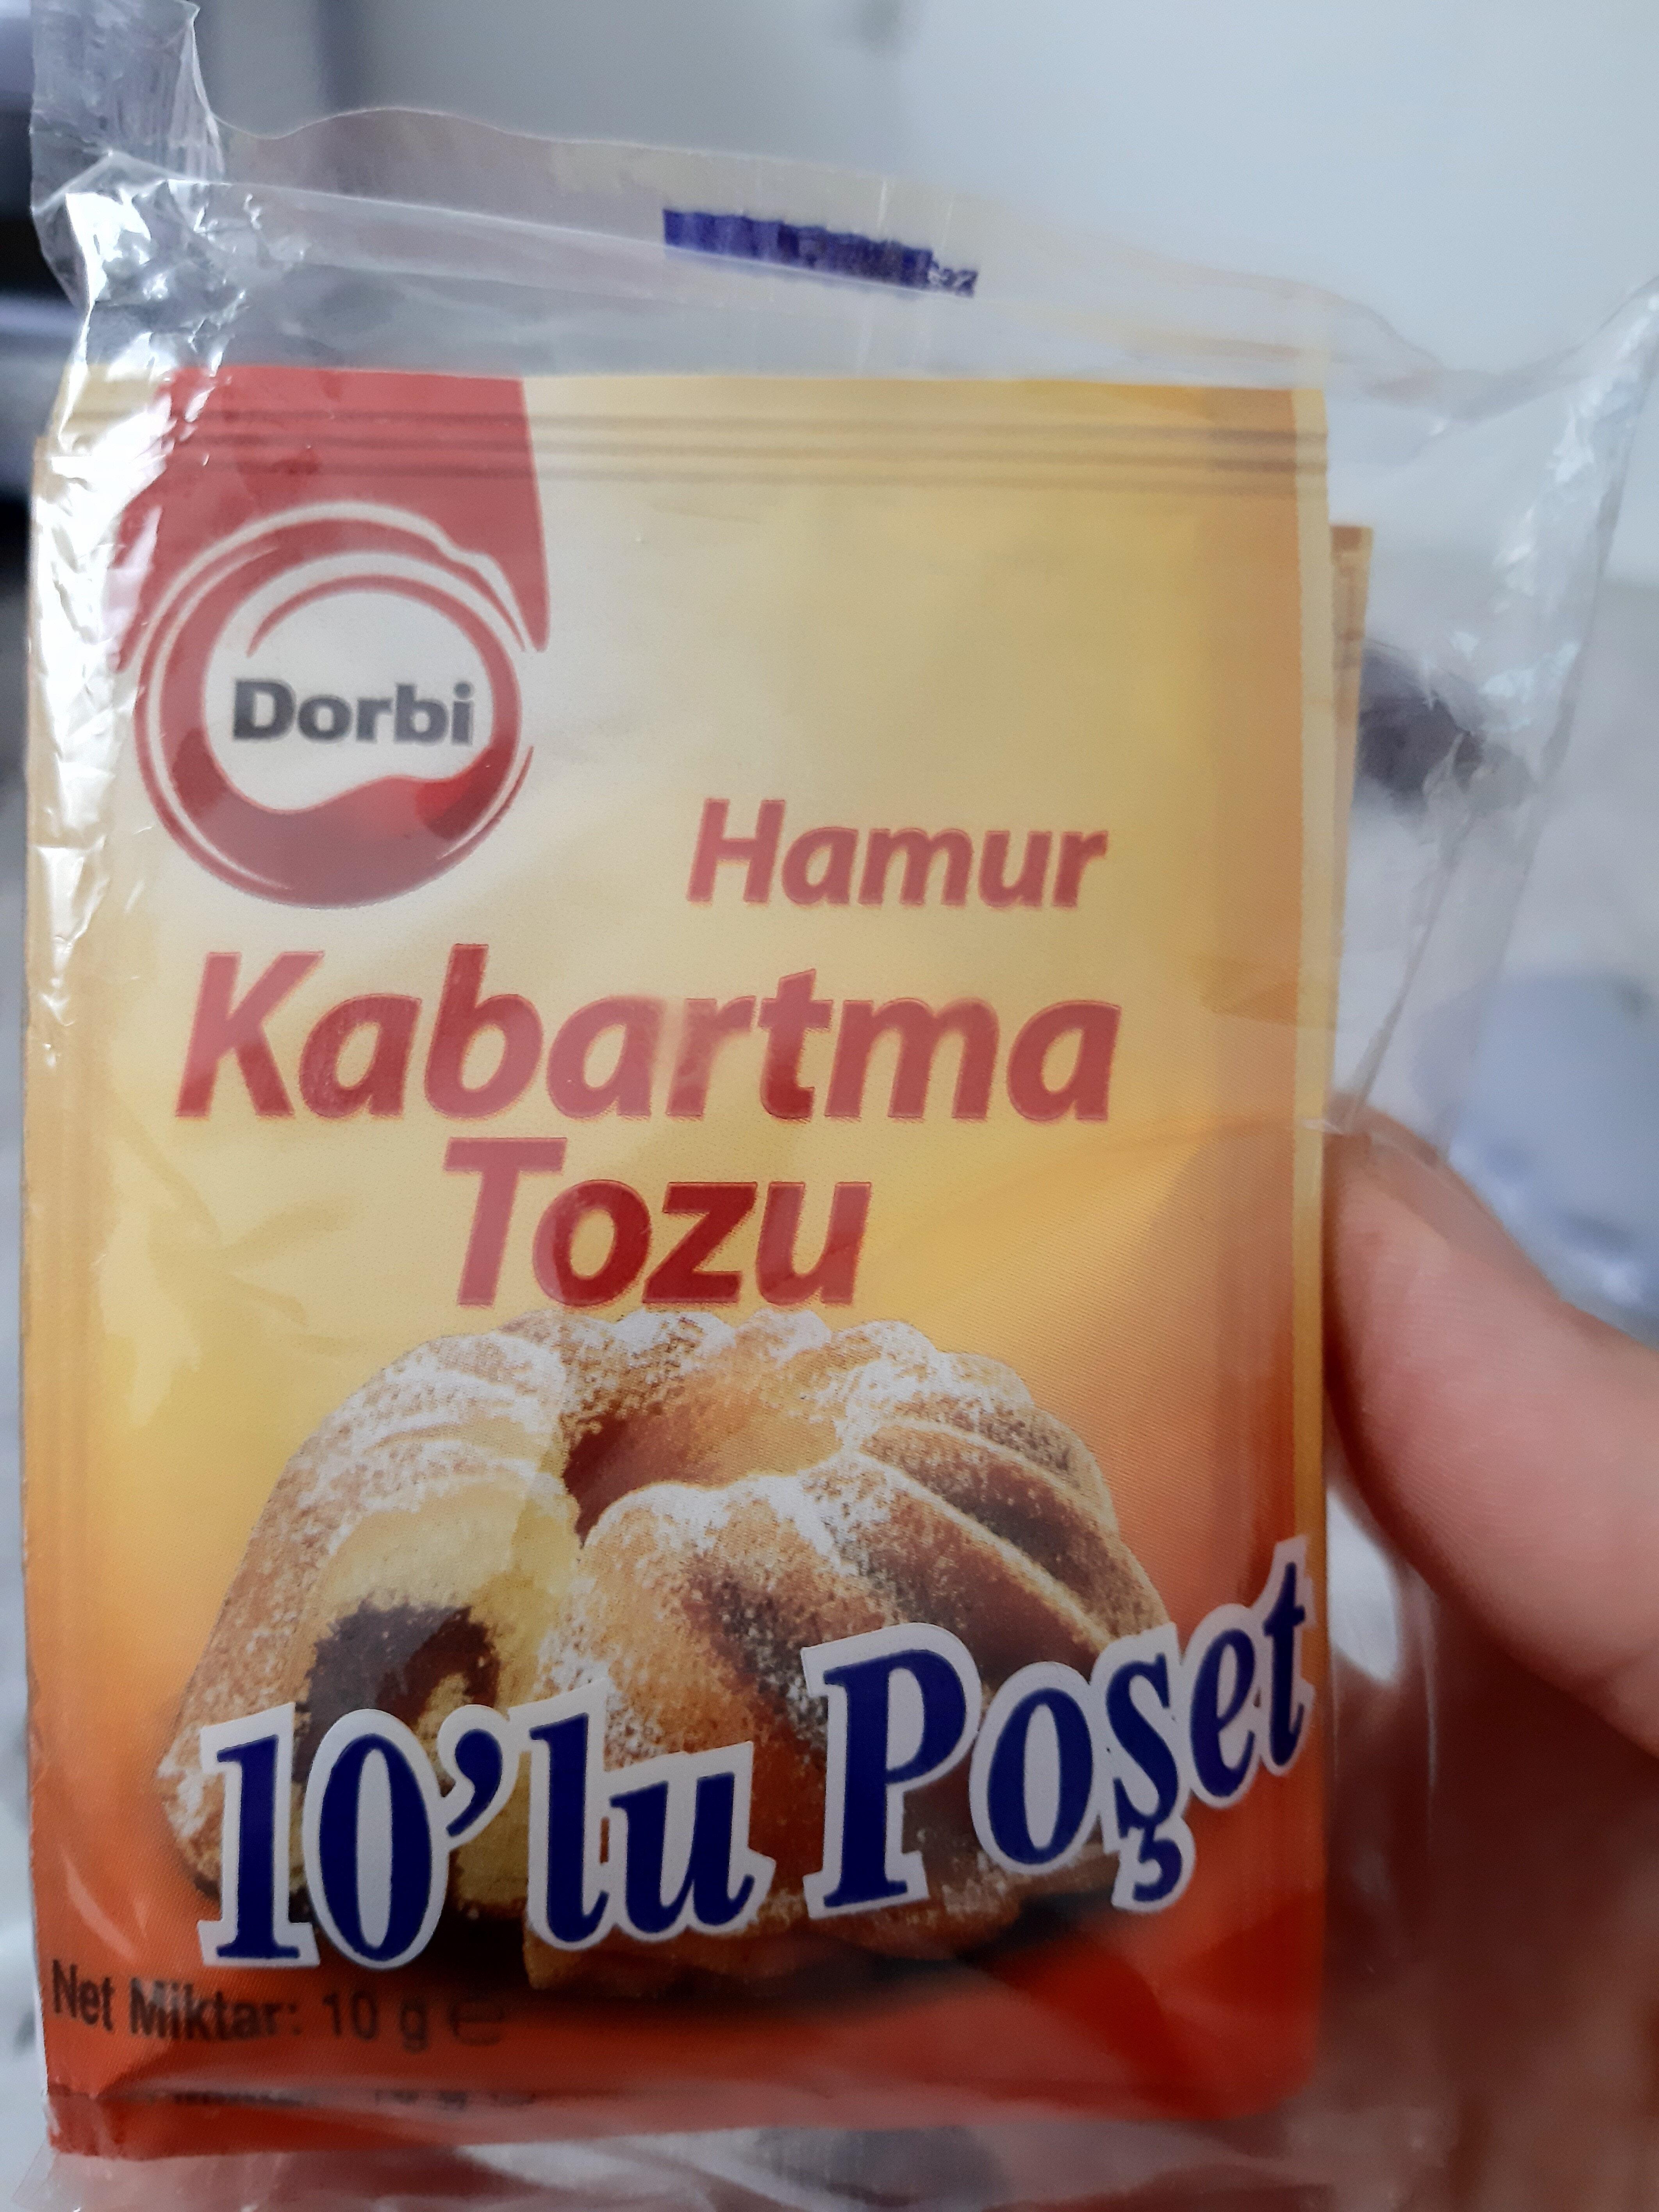 kabartma tozu - Ürün - tr